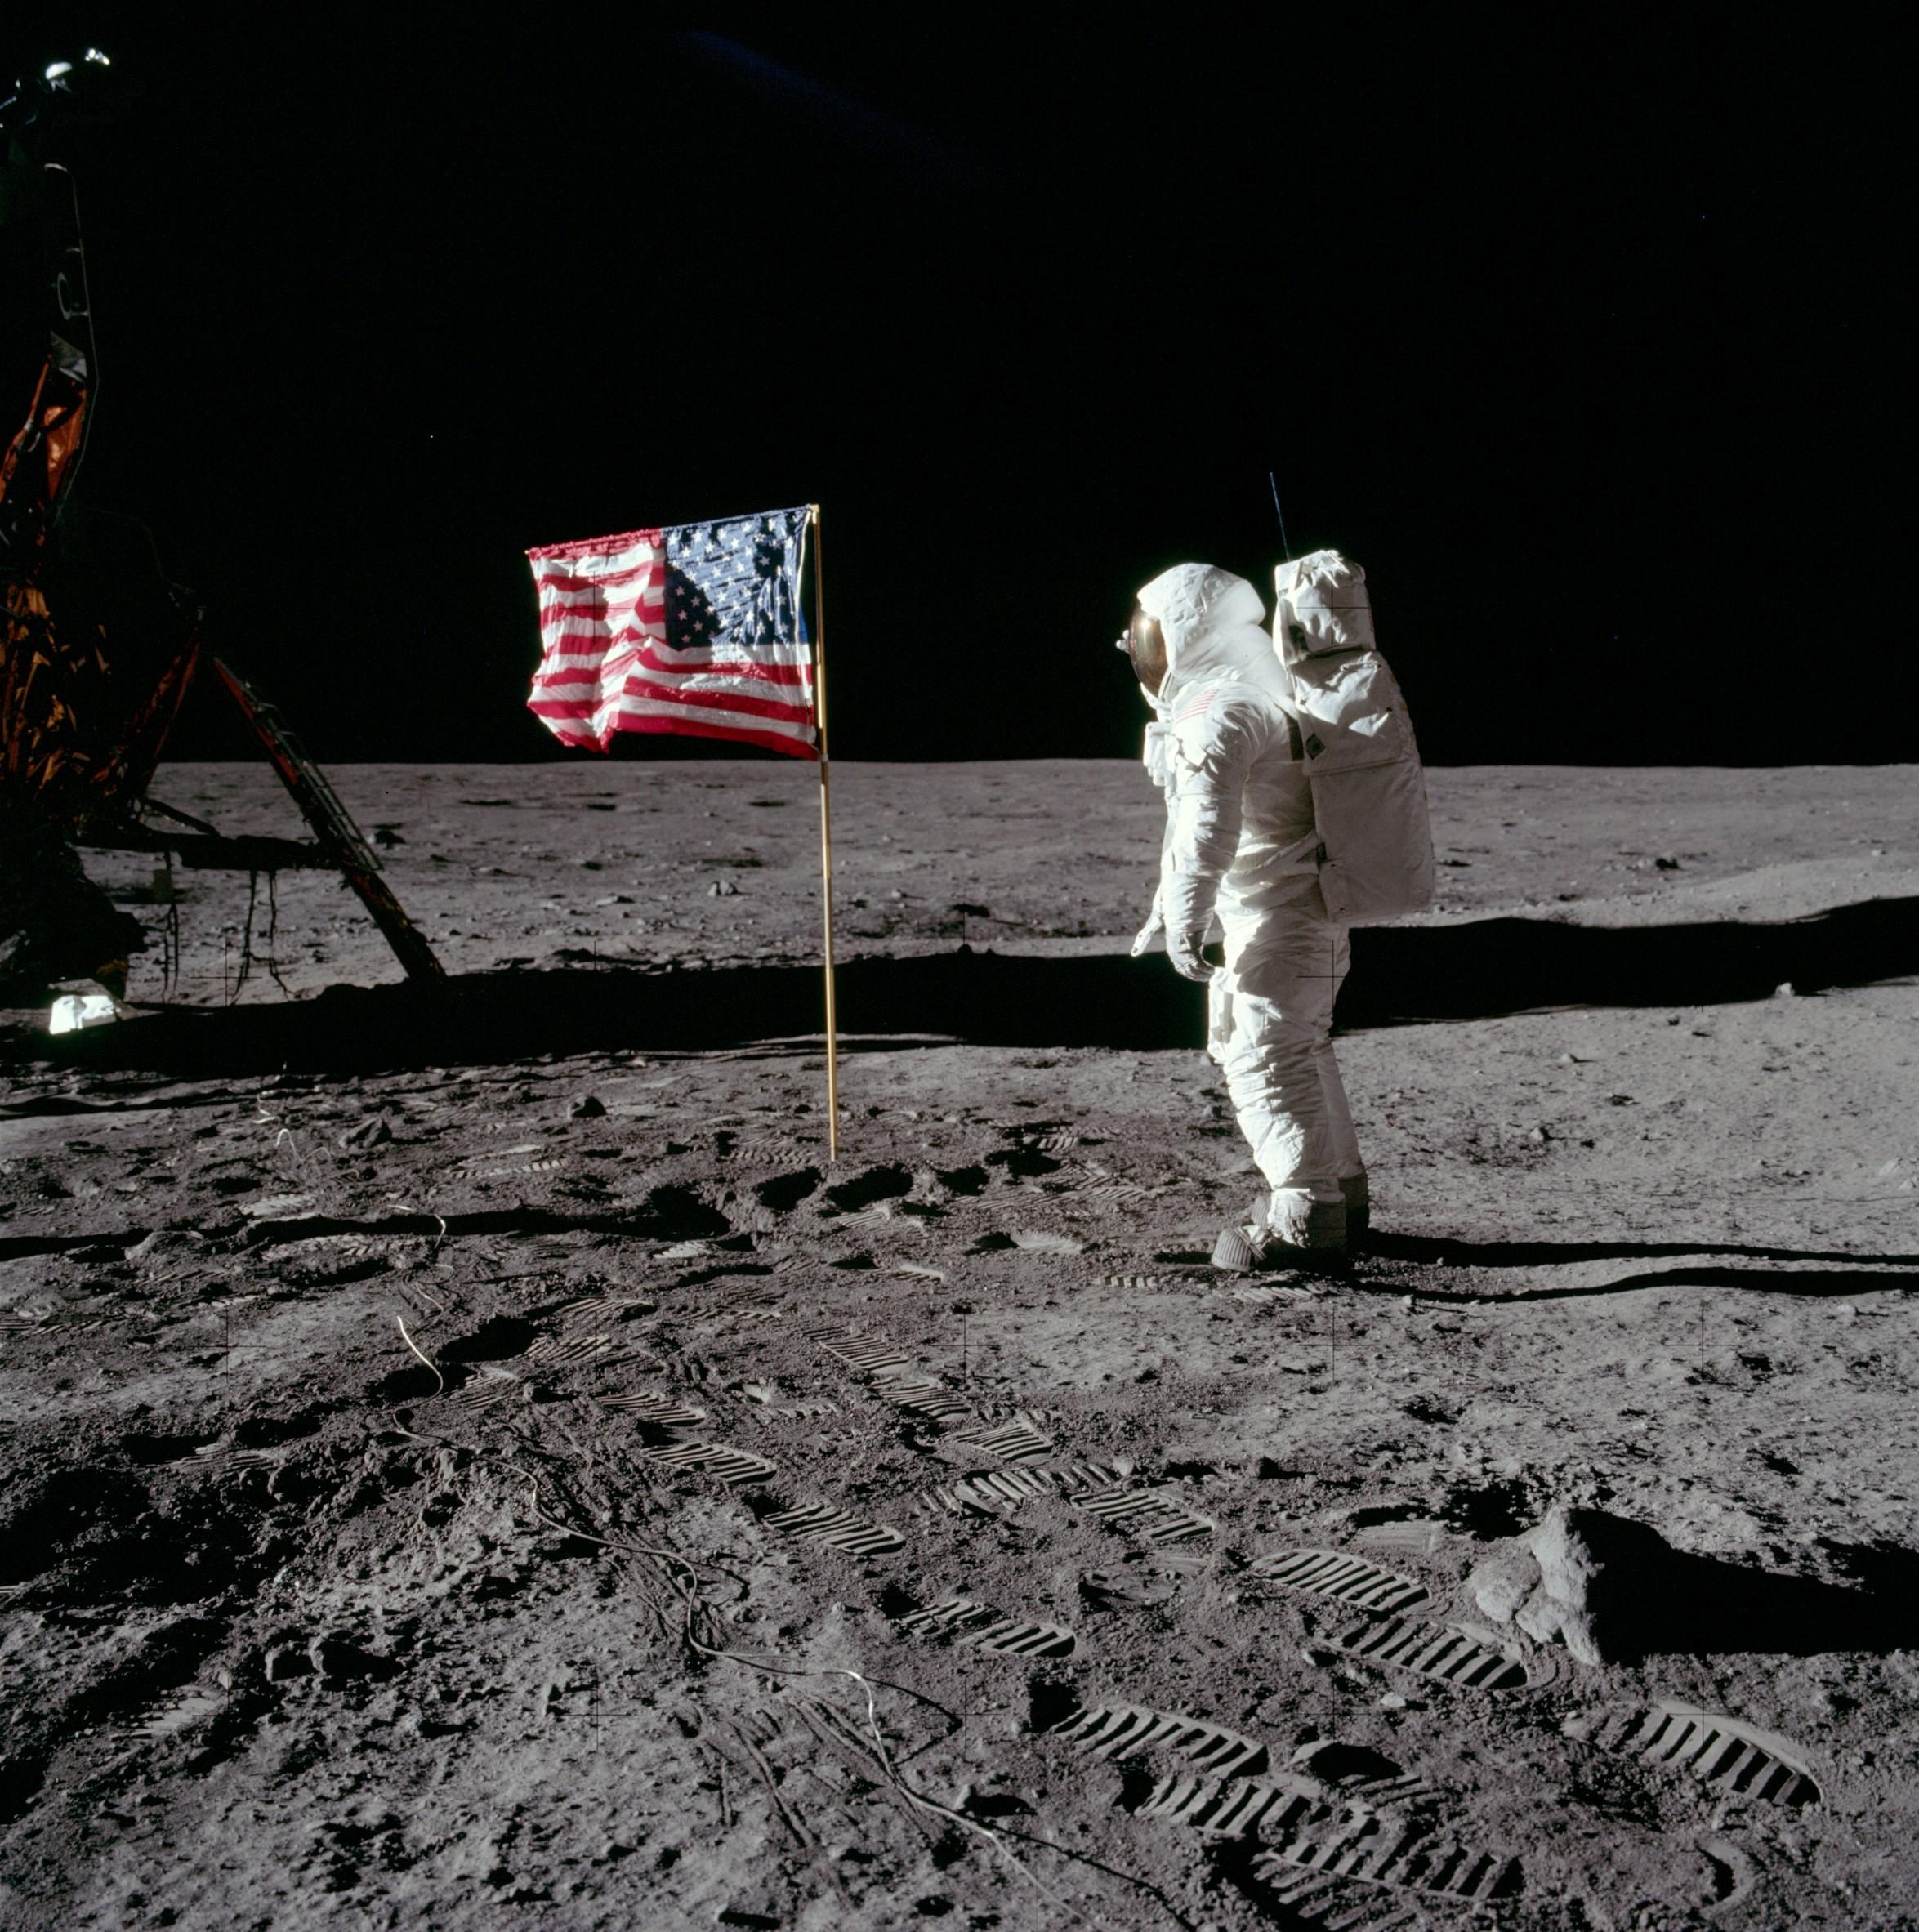 Жители Америки высадились наЛуну, чтобы отыскать хозяев Земли— Ученый